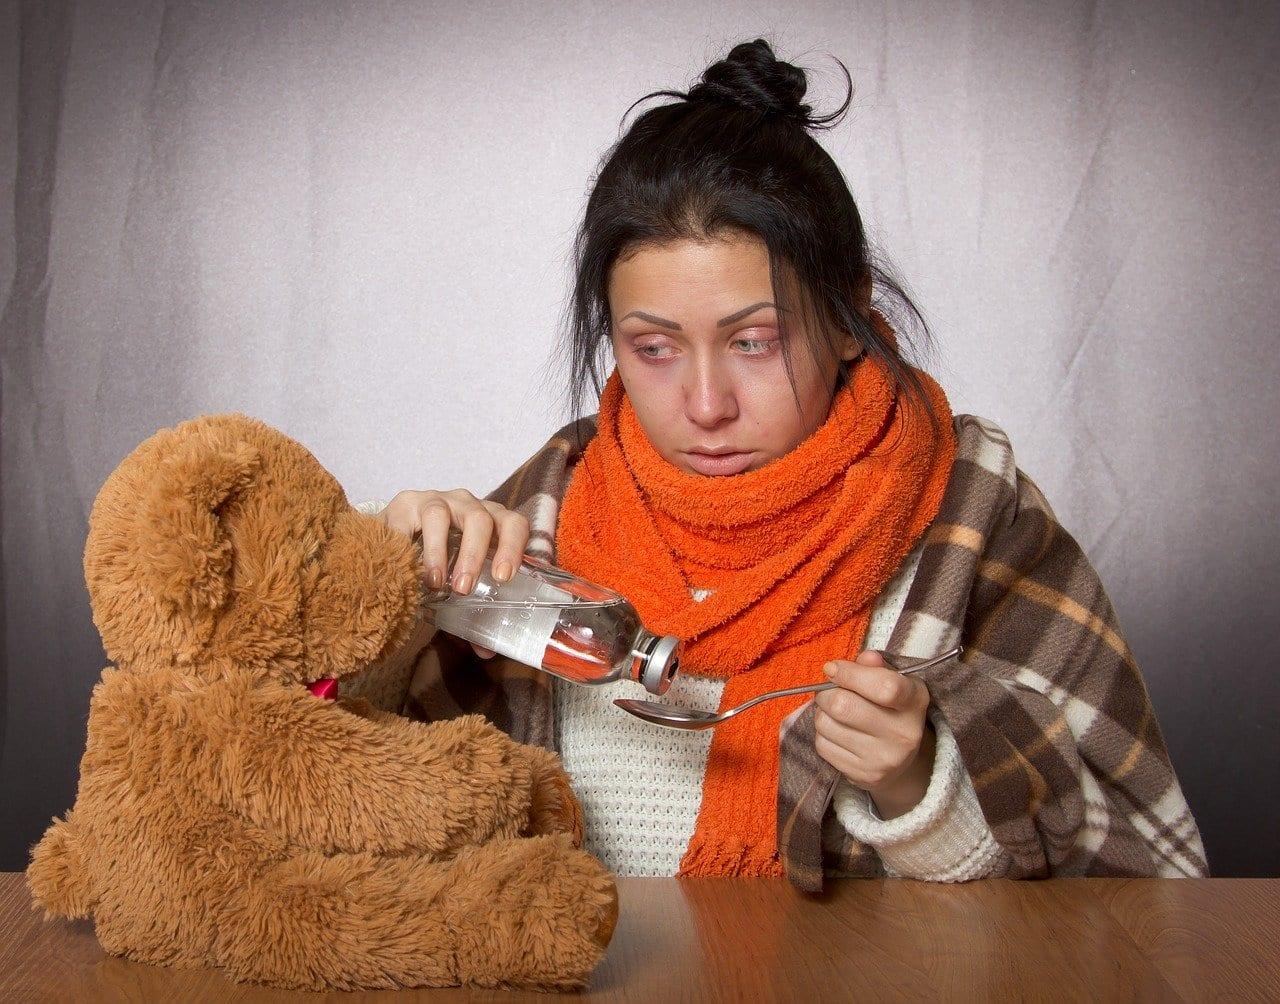 Η1Ν1 Γρίπη 2020: Μέχρι Μάρτιο σε έξαρση Τα ανησυχητικά συμπτώματα